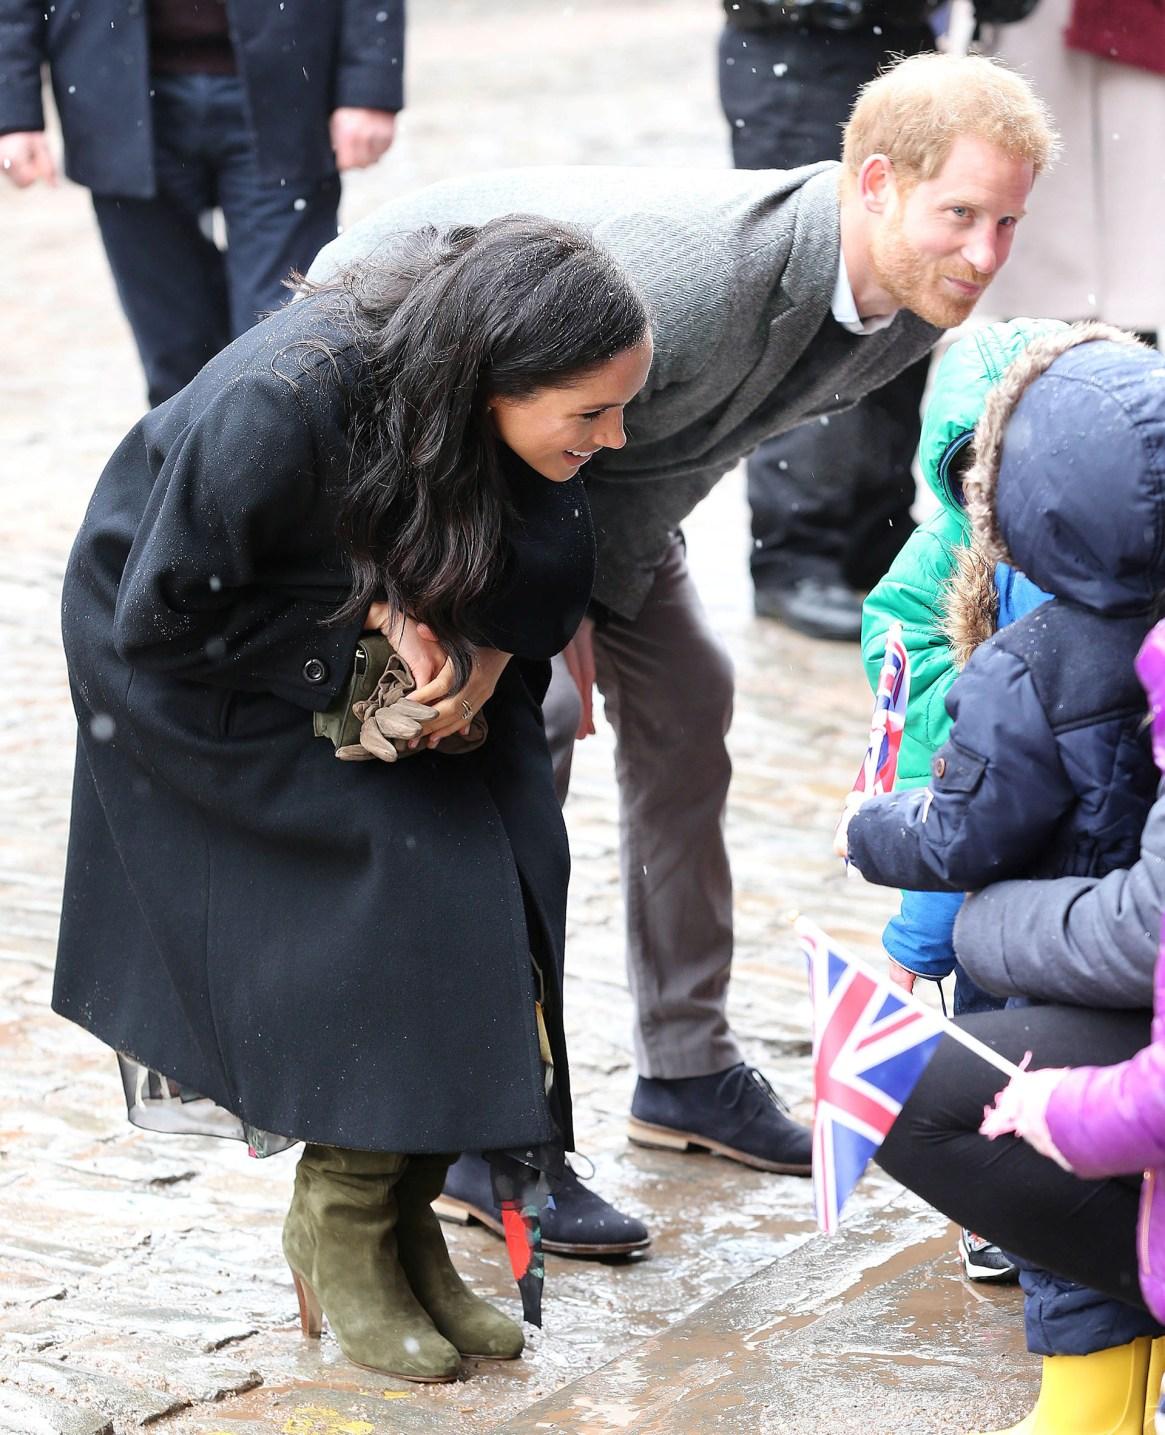 En medio de la dulce espera, la pareja habló y rió con los niños que se acercaron a saludarlos